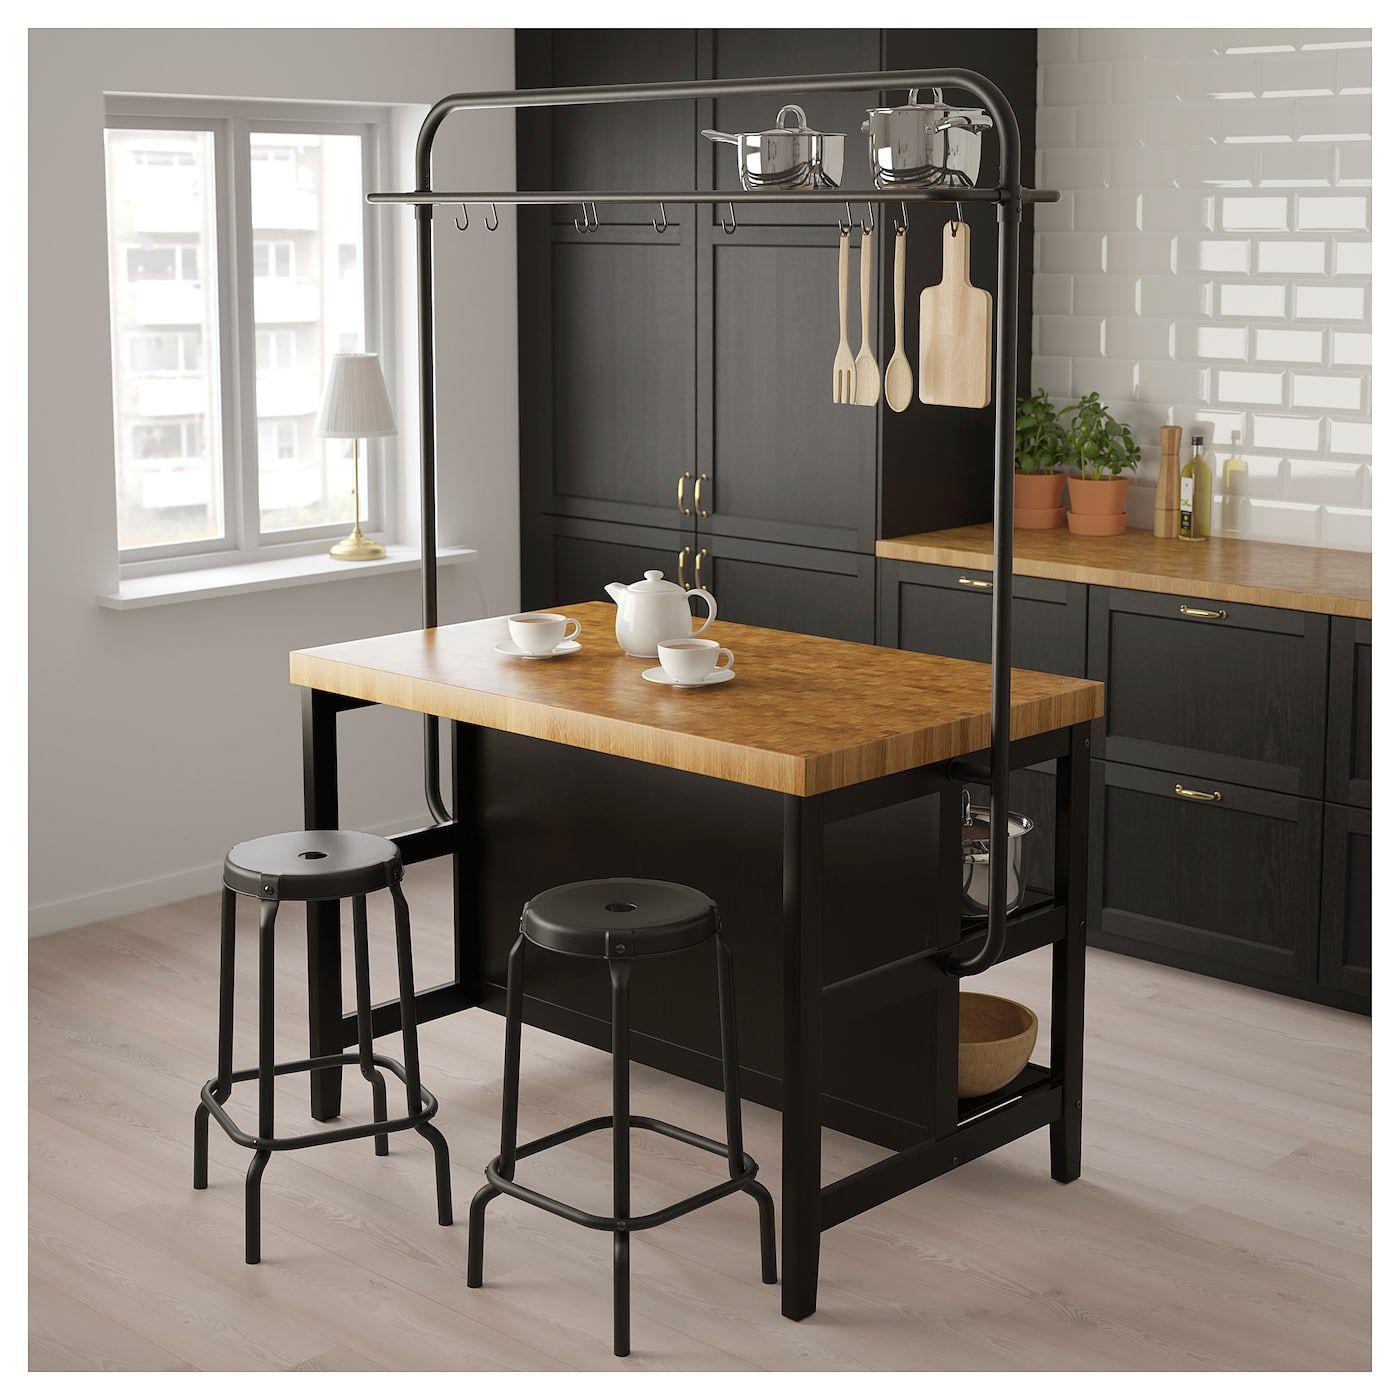 Ikea Ilot Cuisine: Kücheninsel Mit Gestell VADHOLMA Schwarz, Eiche In 2019